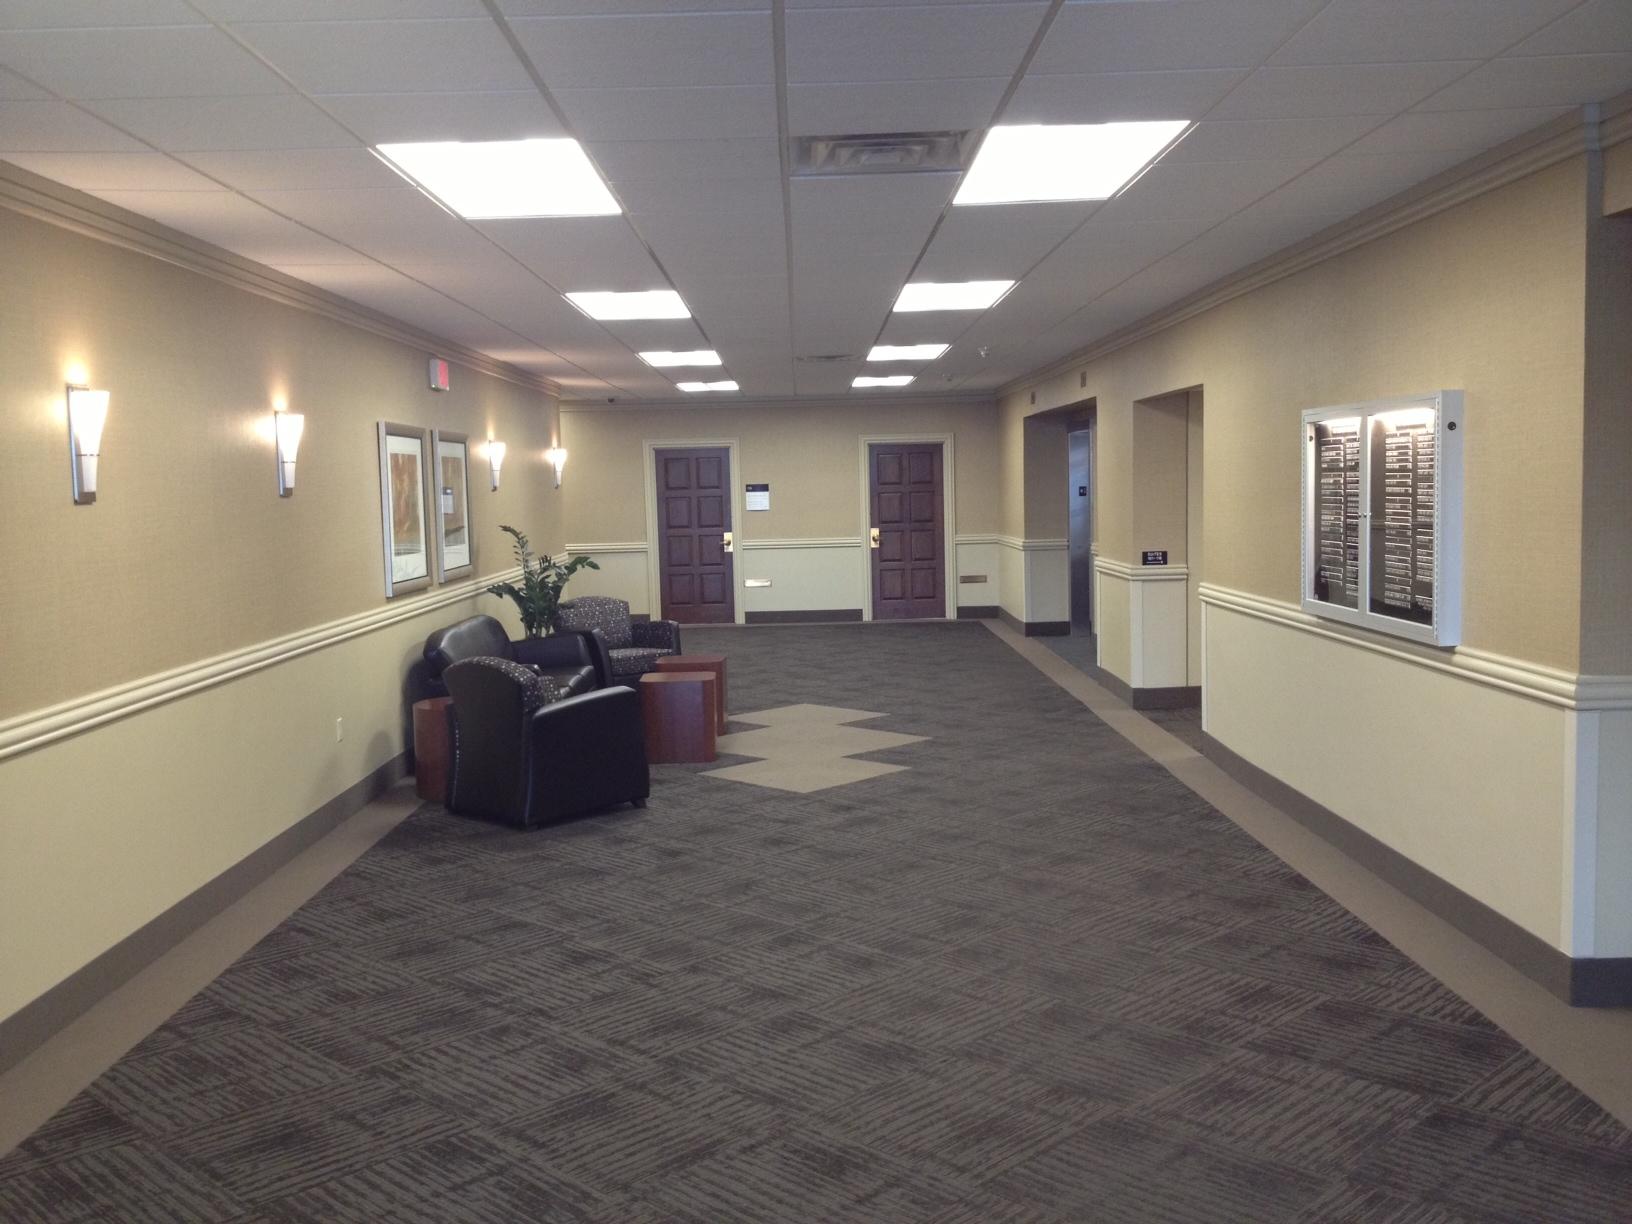 1st floor lobby 6 12 13